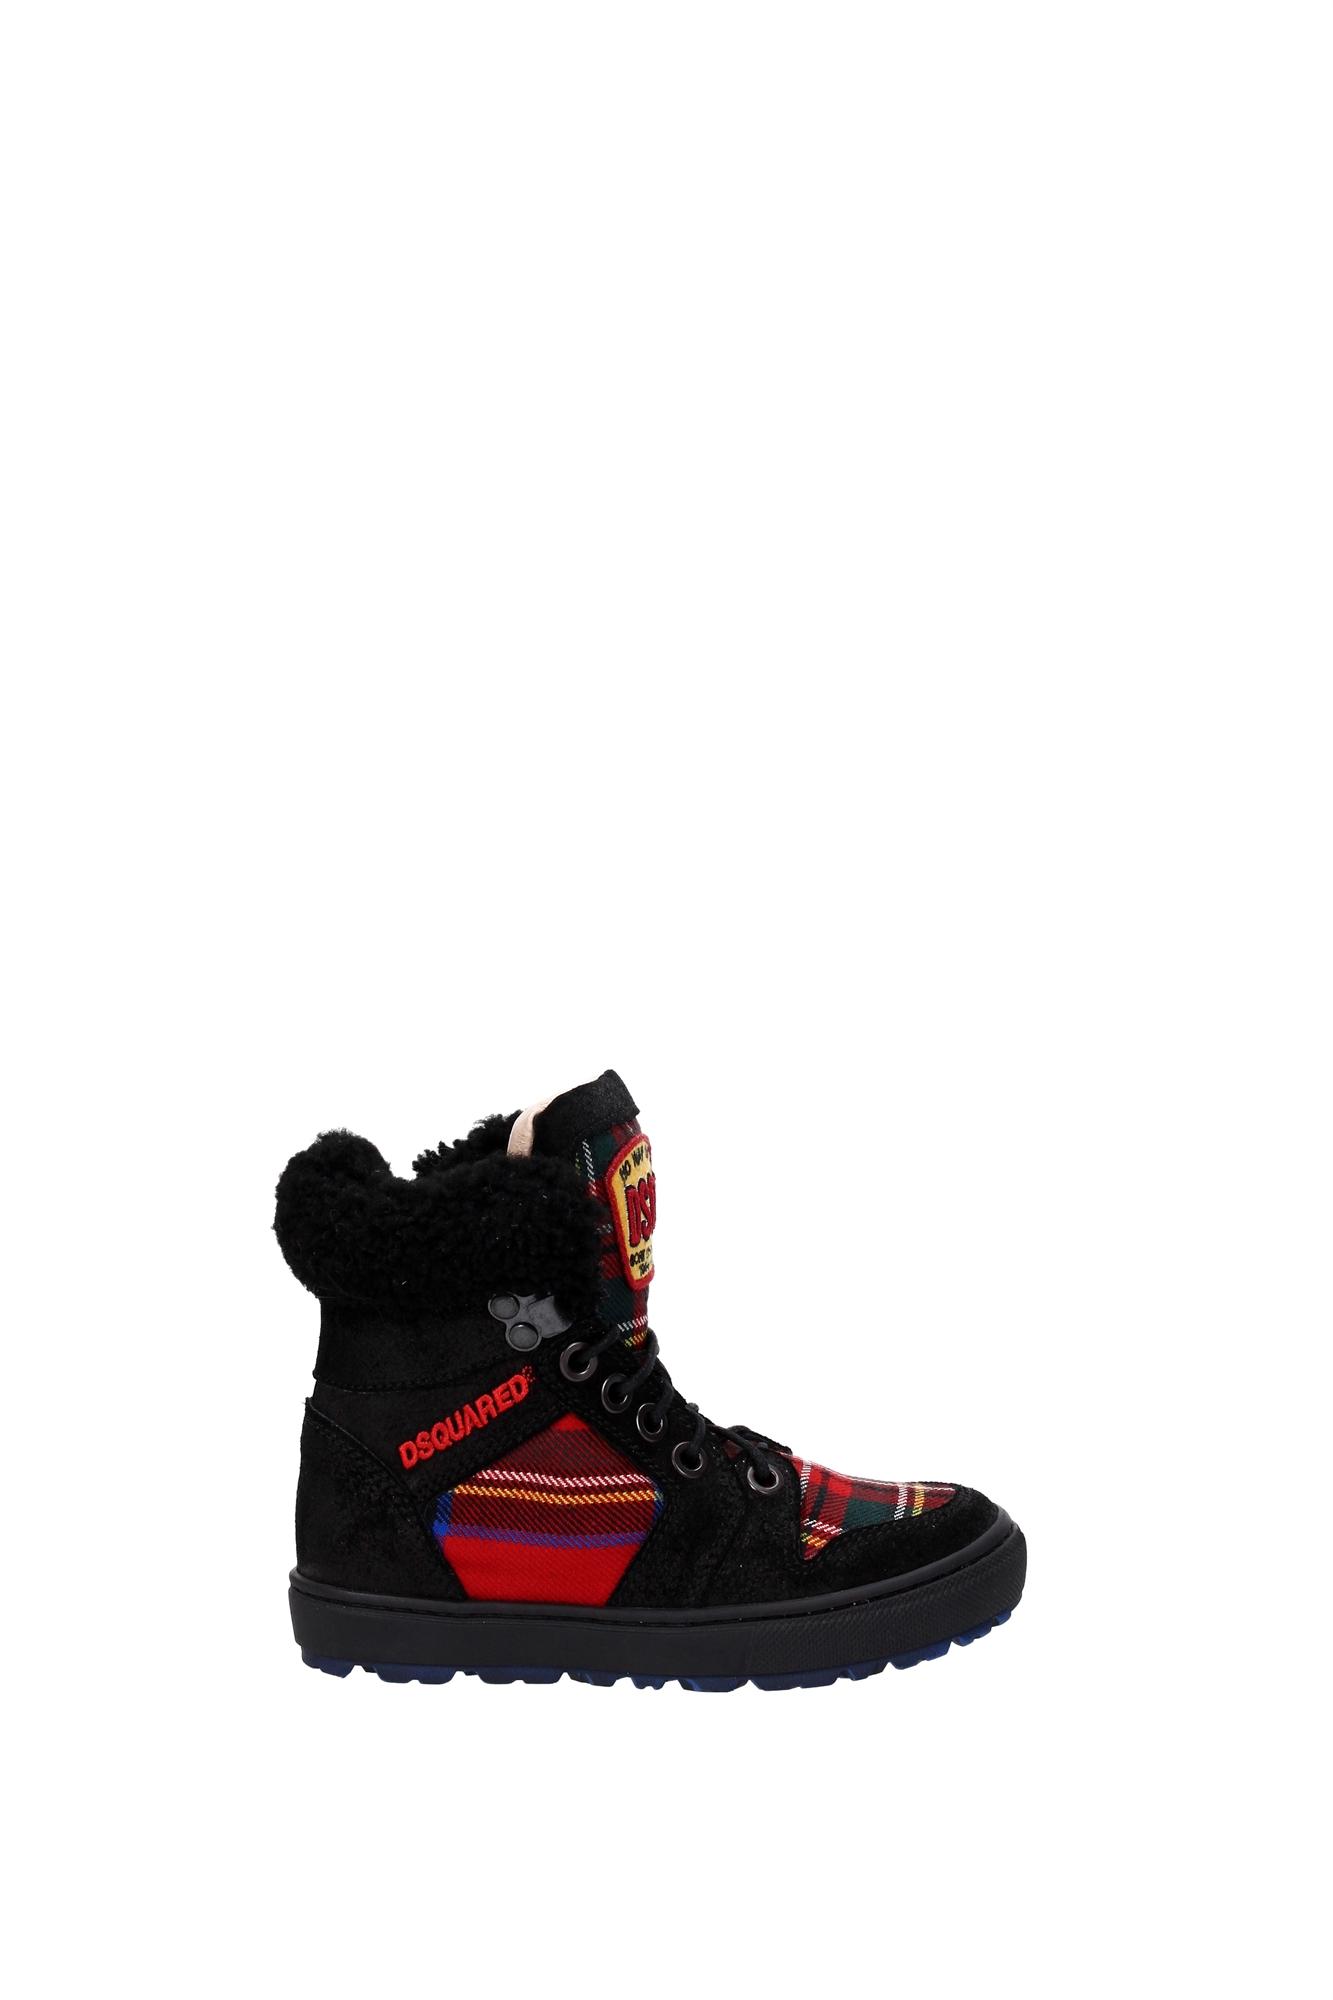 Sneakers Dsquared2 Bambino Tessuto Multicolore 39425wallacerosso - dsquared2 - ebay.it